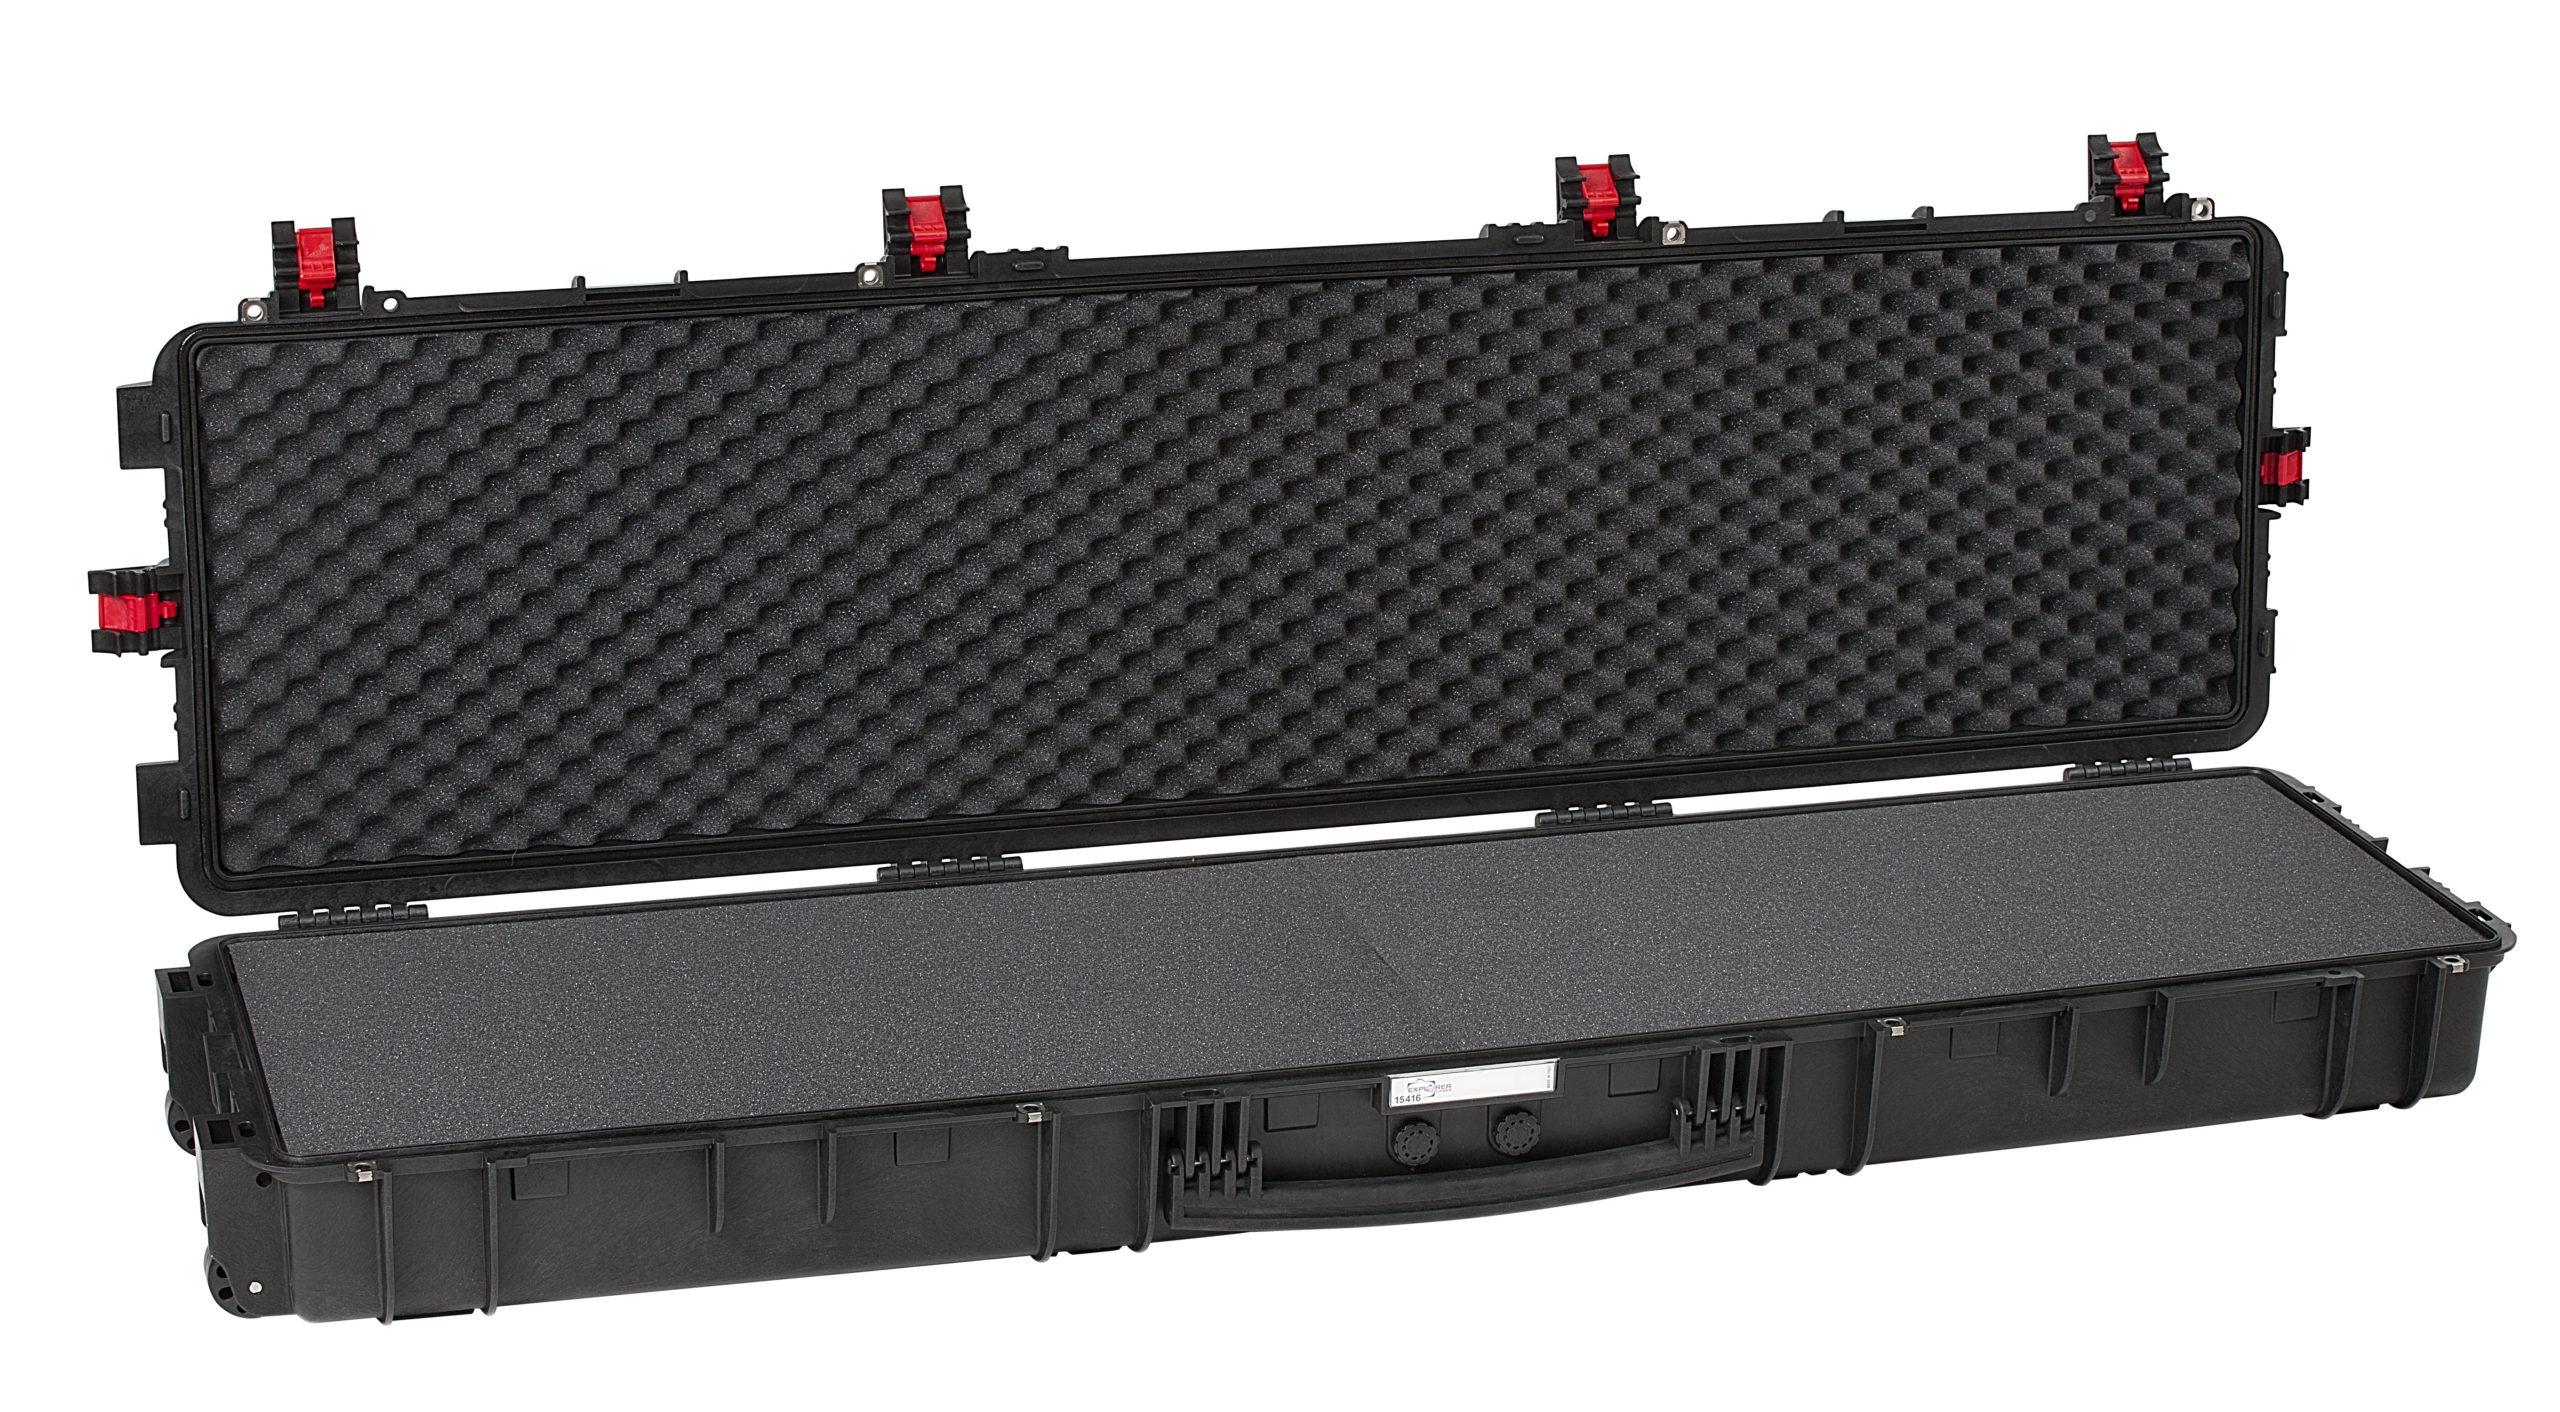 Explorer Cases Mod. 15416 -1629x456x183 - Langwaffenschutzkoffer